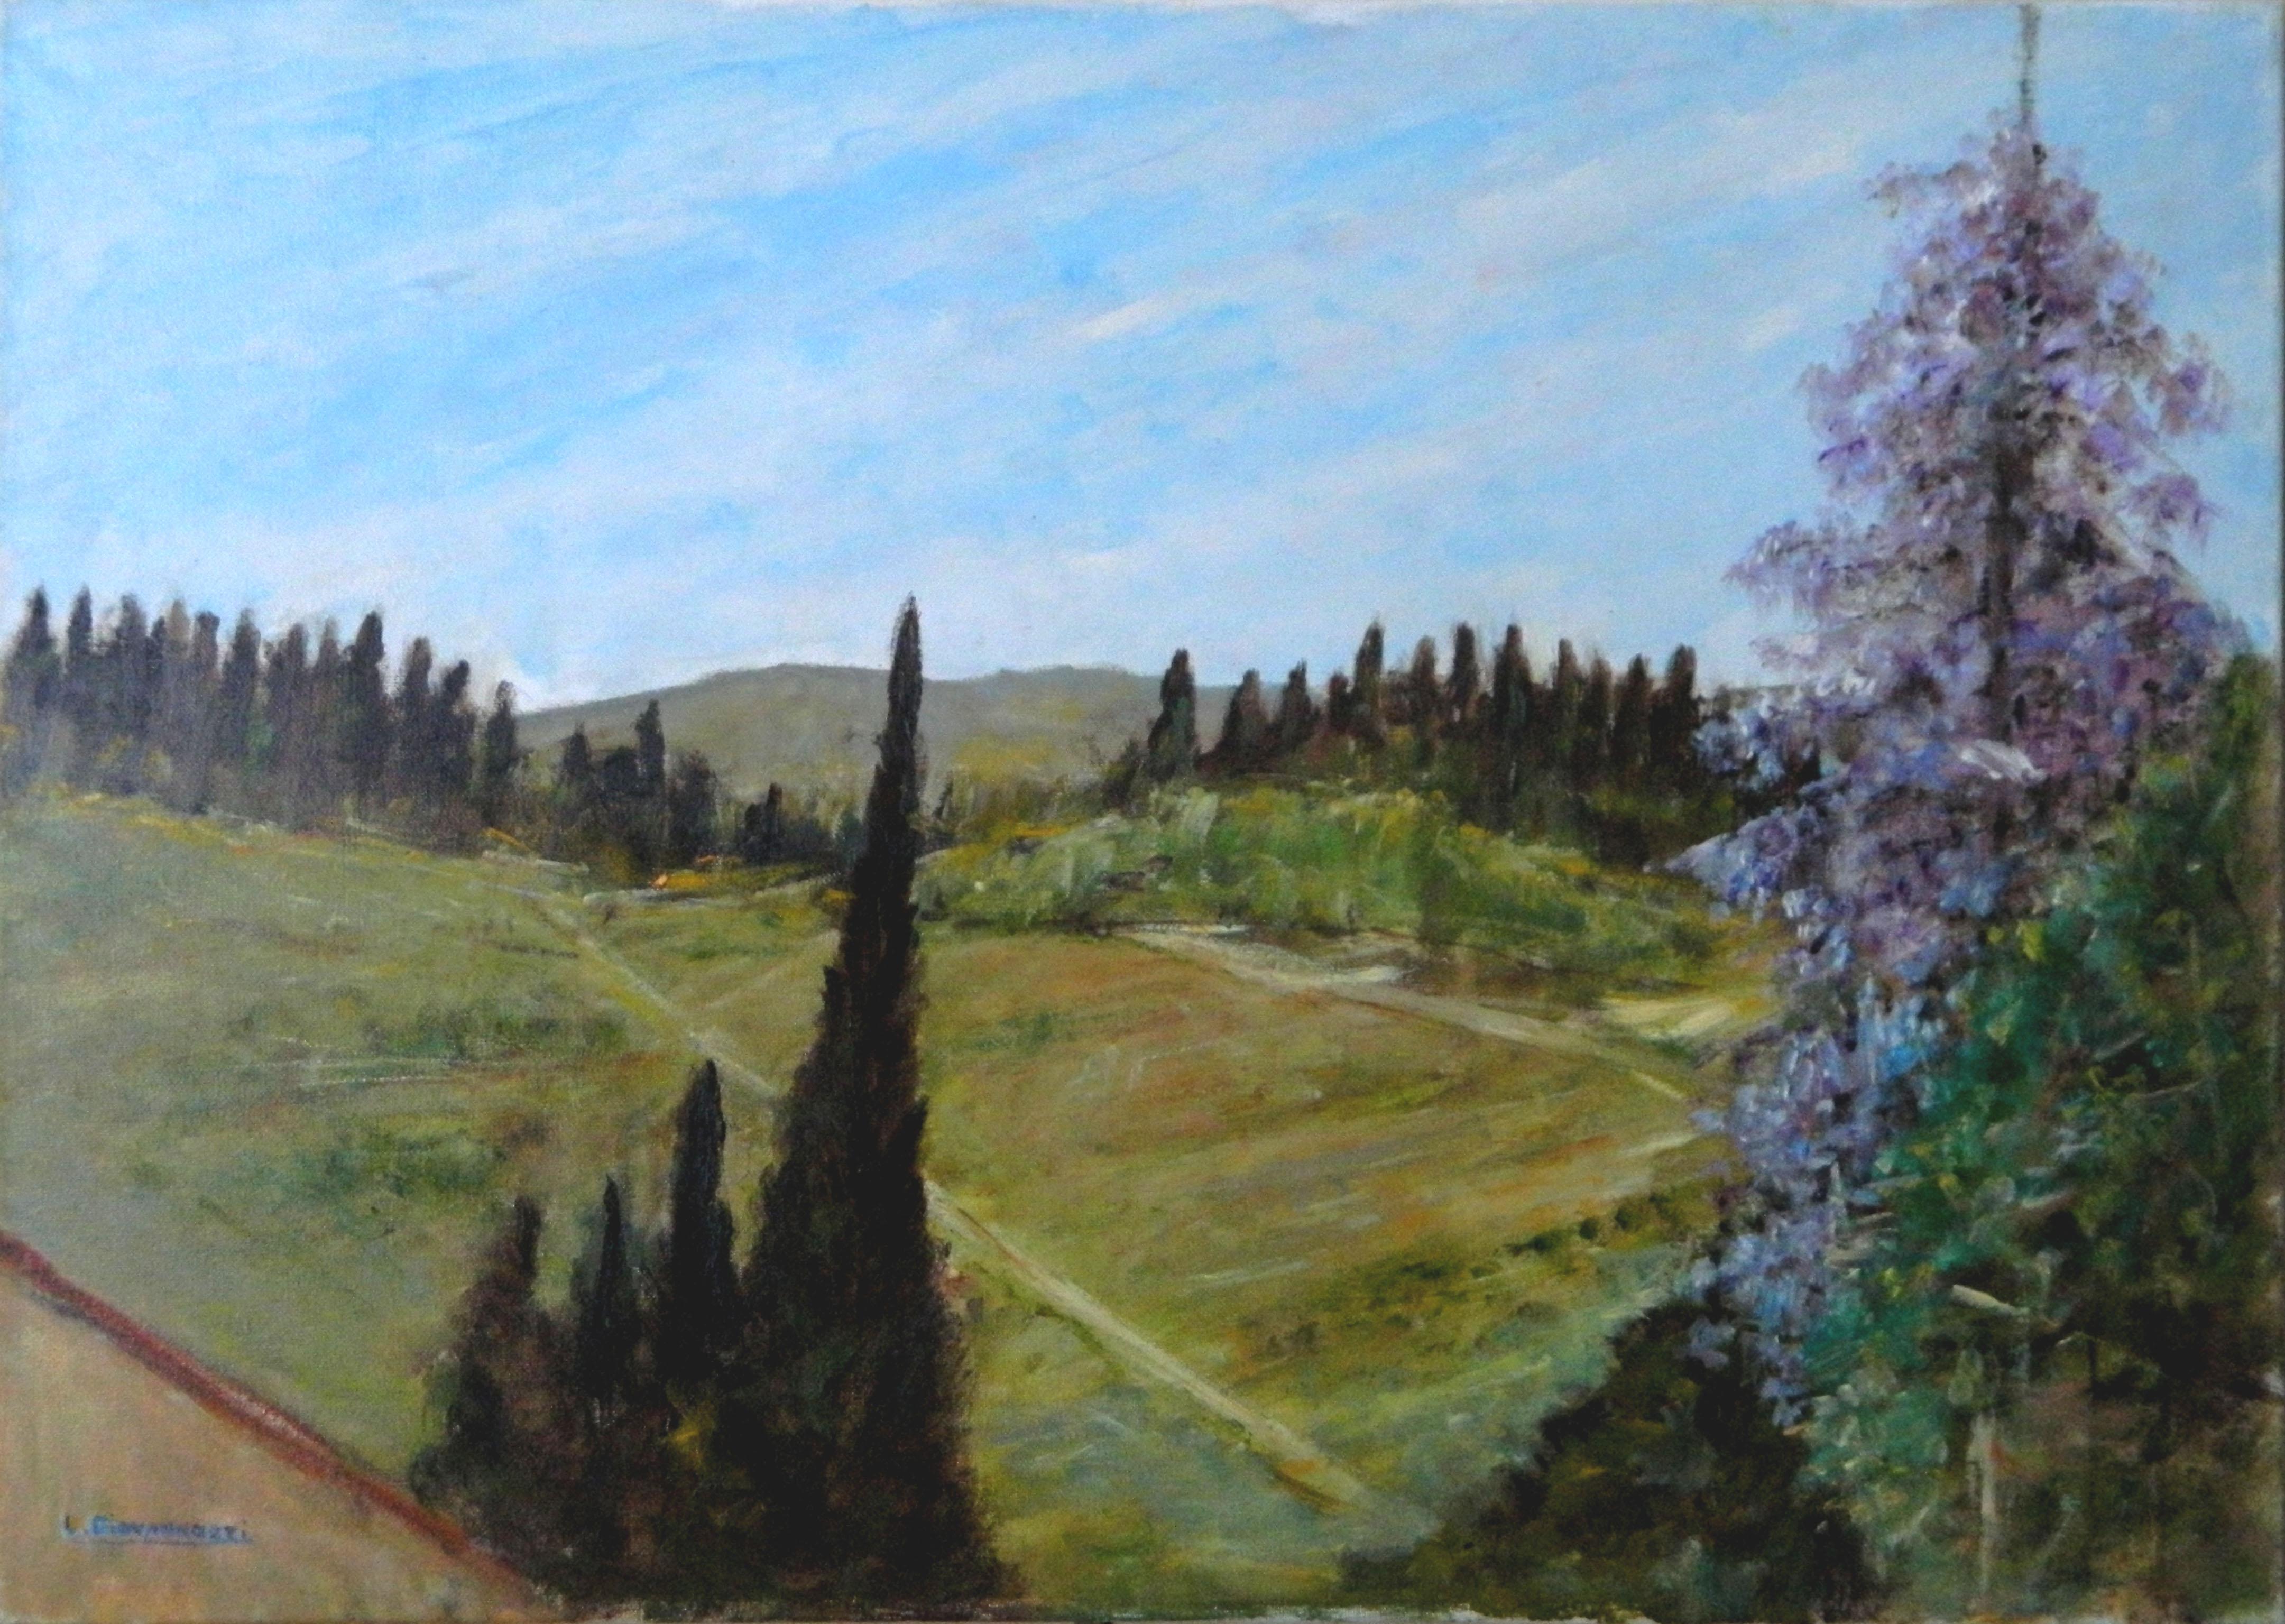 Luciano Giovannozzi – PAESAGGIO TOSCANO (LOC. STRADA IN CHIANTI – FI)